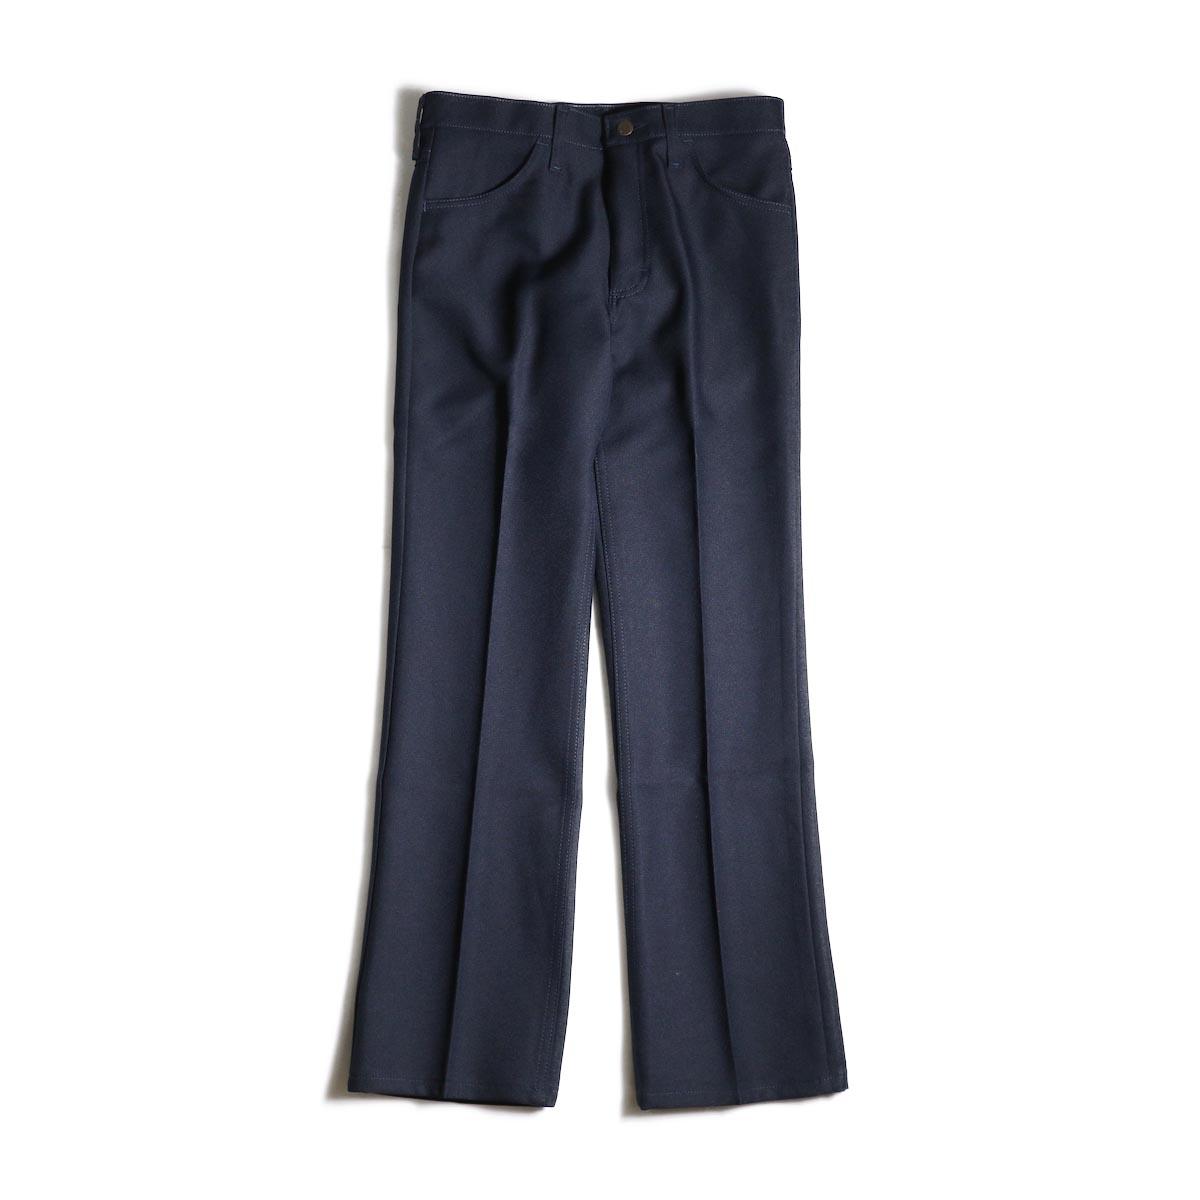 Wrangler / WRANCHER DRESS JEANS (Navy)